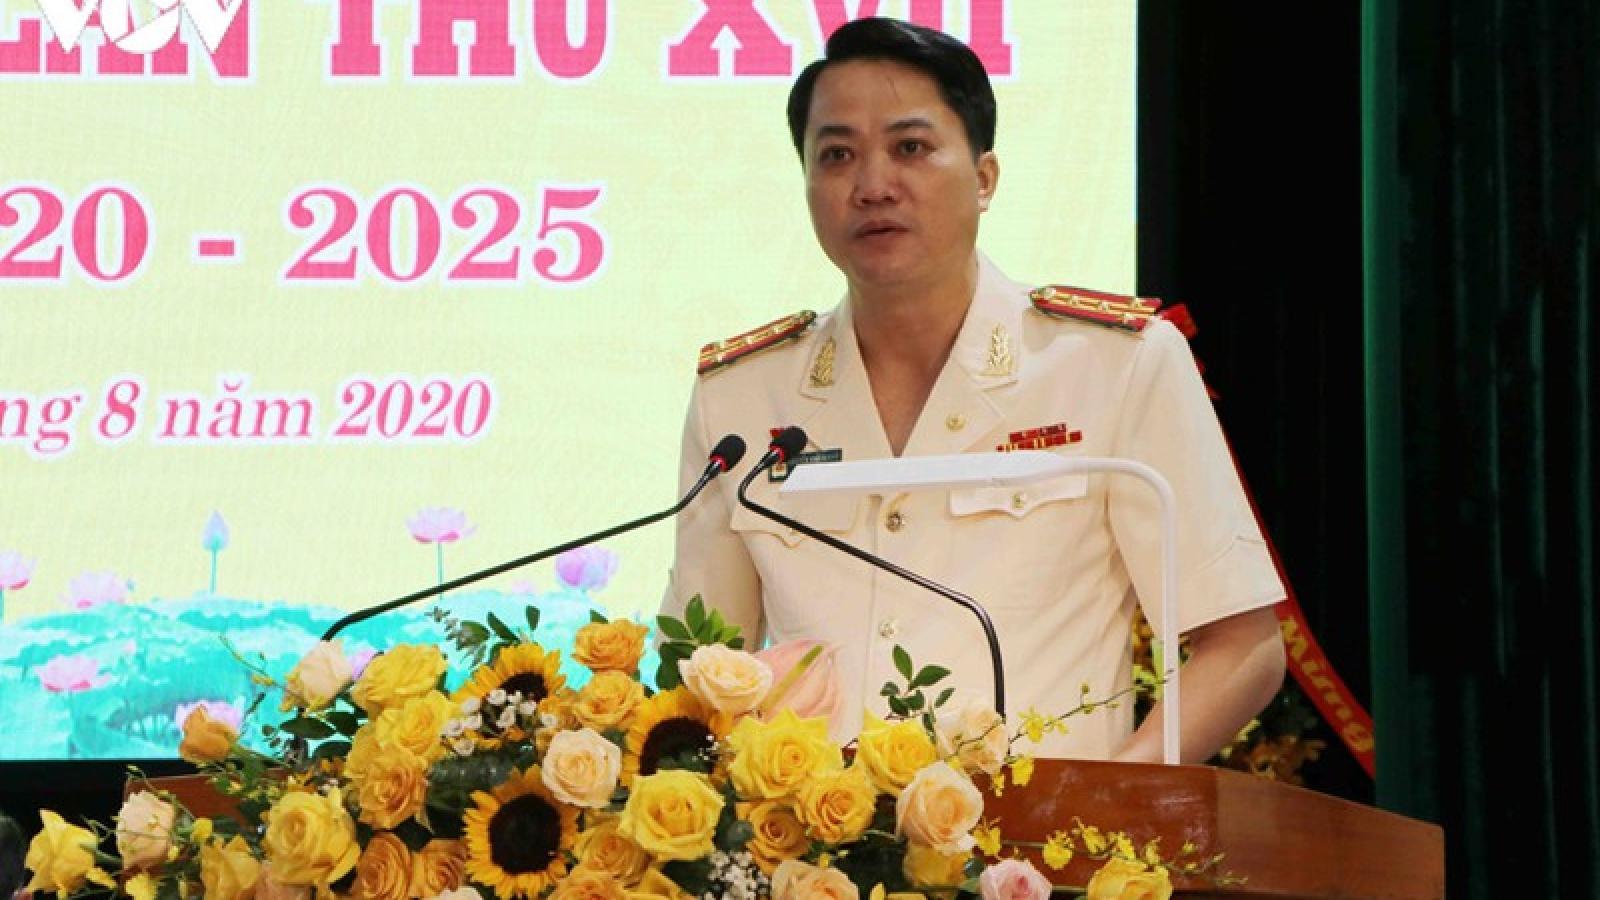 Đại tá Nguyễn Viết Giang giữ chức Bí thư Đảng ủy Công an tỉnh Lai Châu